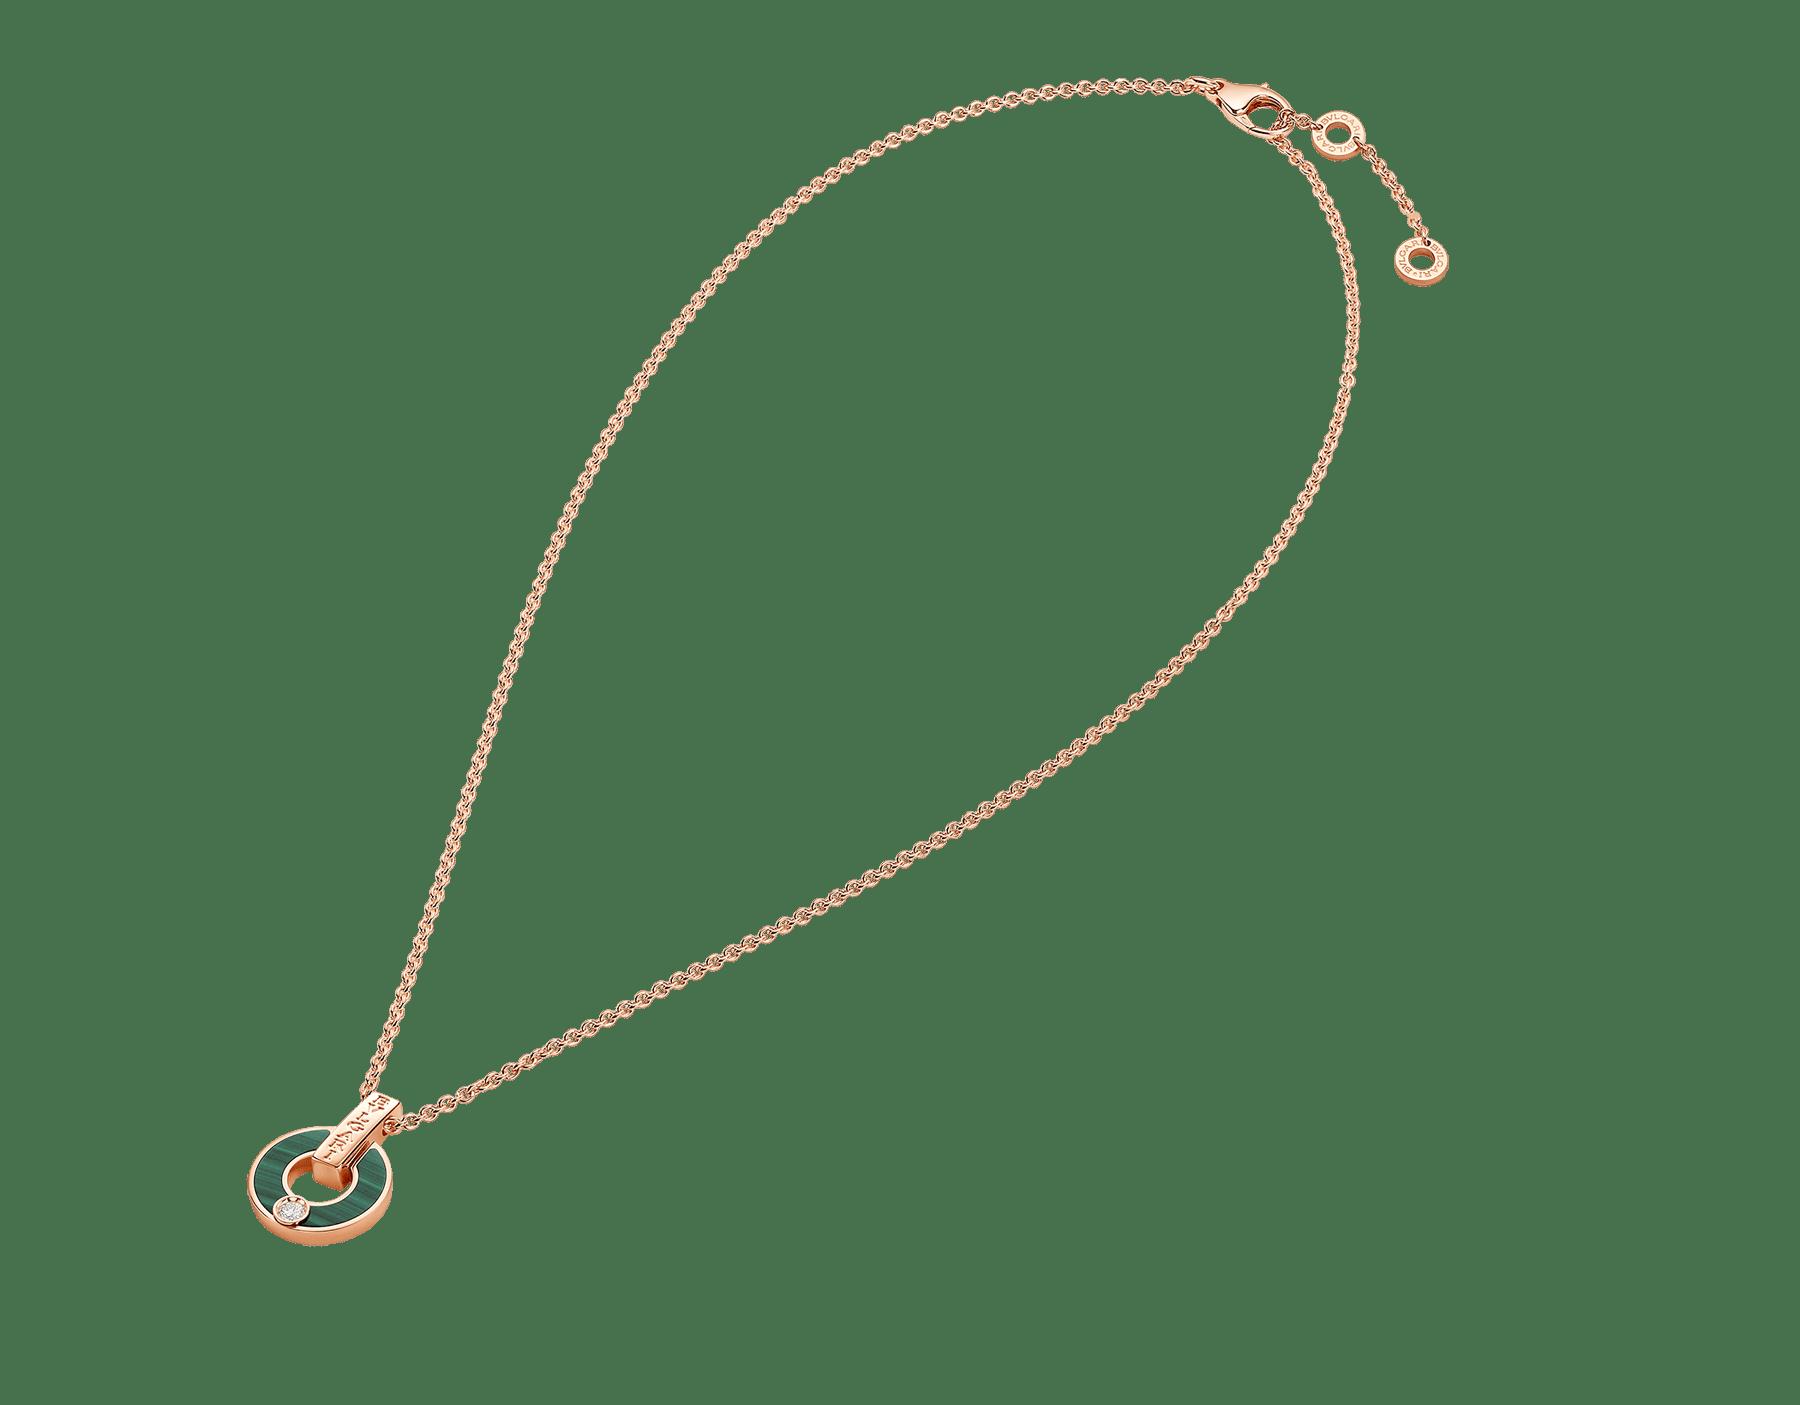 Skelettierte BVLGARI BVLGARI Halskette aus 18 Karat Roségold mit Malachit-Elementen und einem runden Diamanten im Brillantschliff 357313 image 2